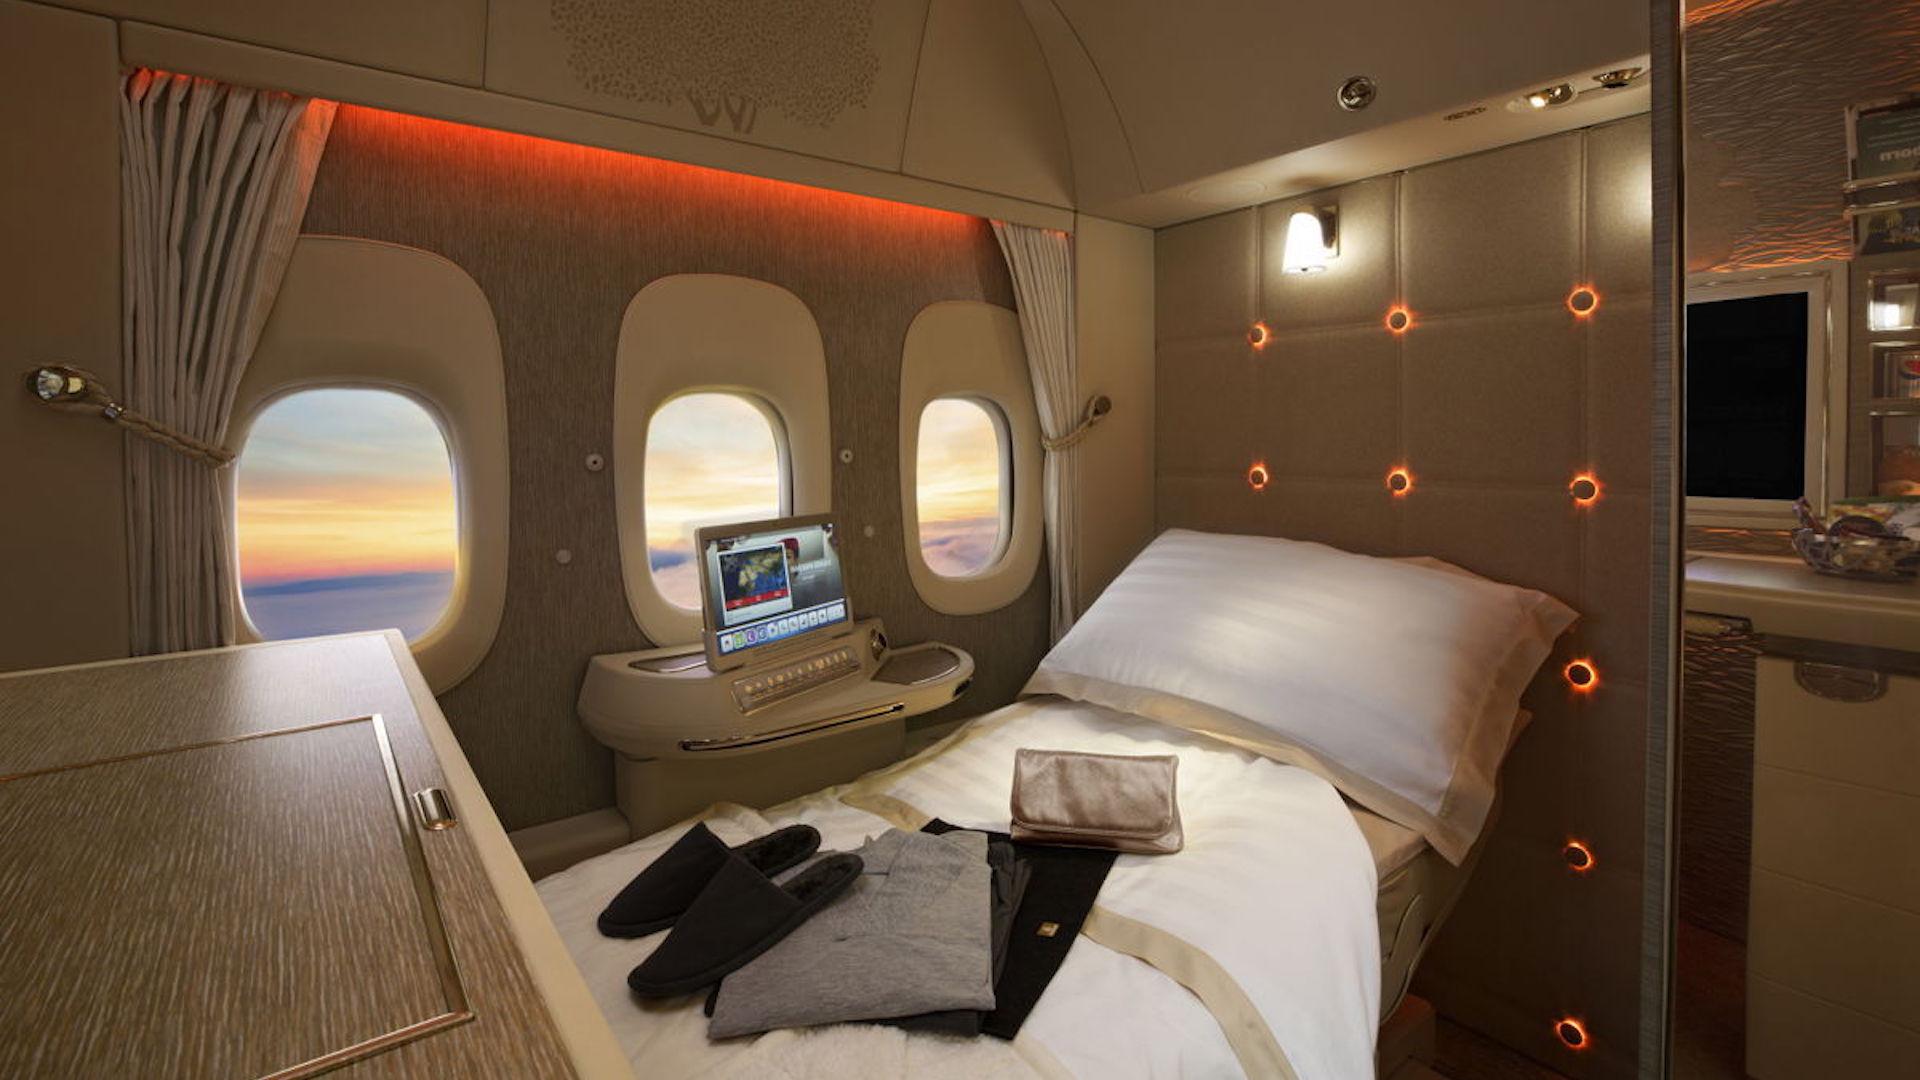 ¿Cuáles son las mejores aerolíneas en clases Turista, Premium y Business?